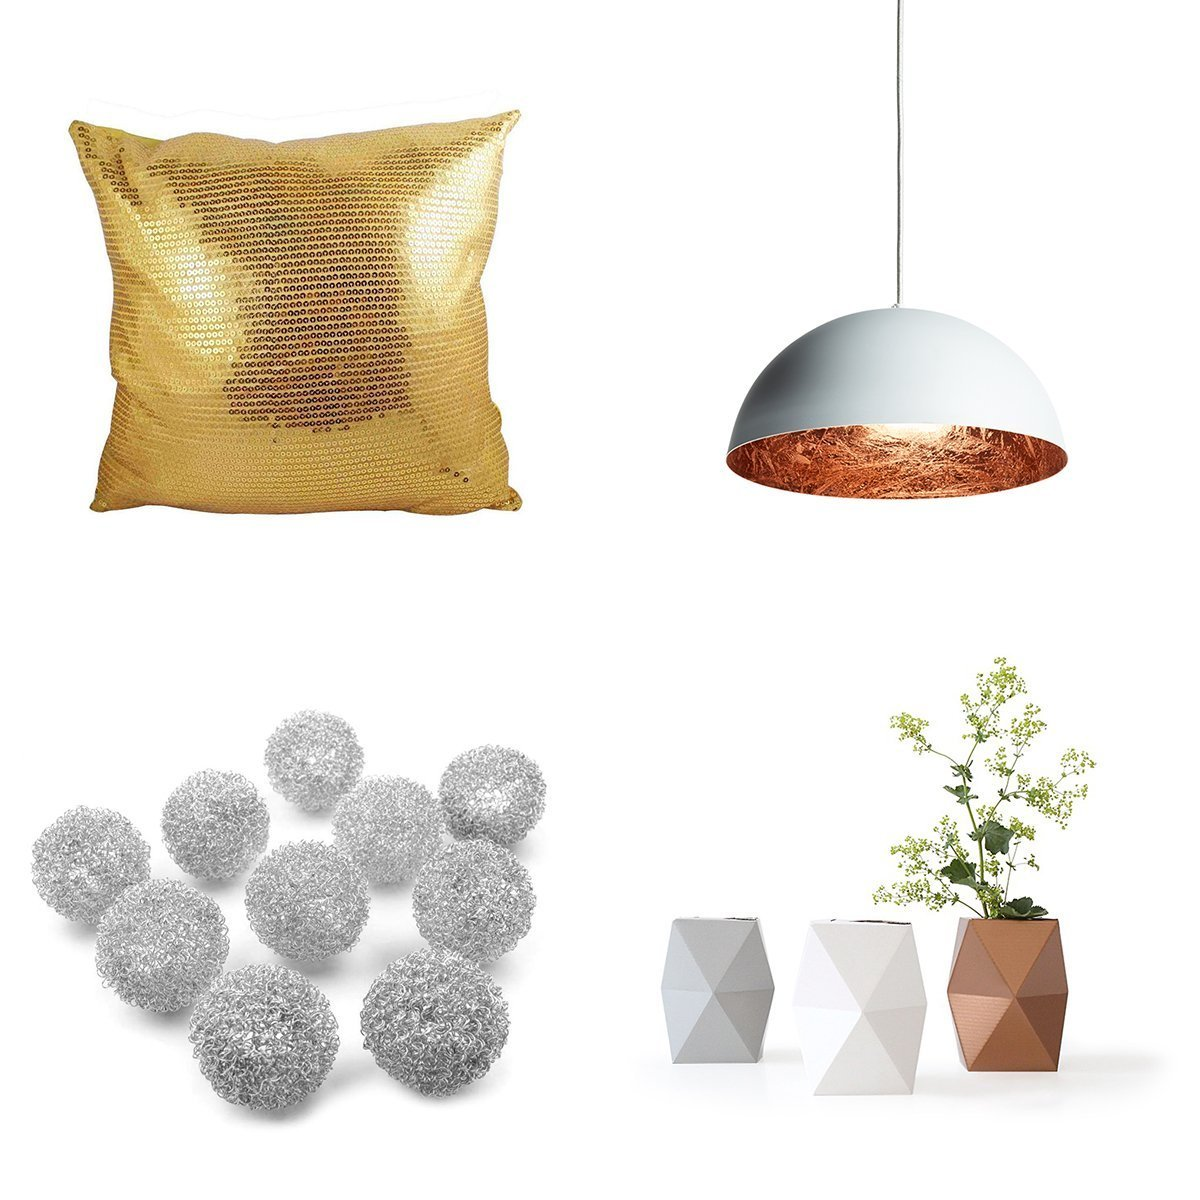 Zlato, stříbro, bronz – to je to, oč tu běží! Tyto barvy se v našich interiérech objevují poskrovnu, většinou je najdeme na doplňcích, úchytkách, zrcadlových rámech, atd. Ale to neznamená, že si nezaslouží naši pozornost! Našemu bydlení mohou totiž dodat to pravé kouzlo.